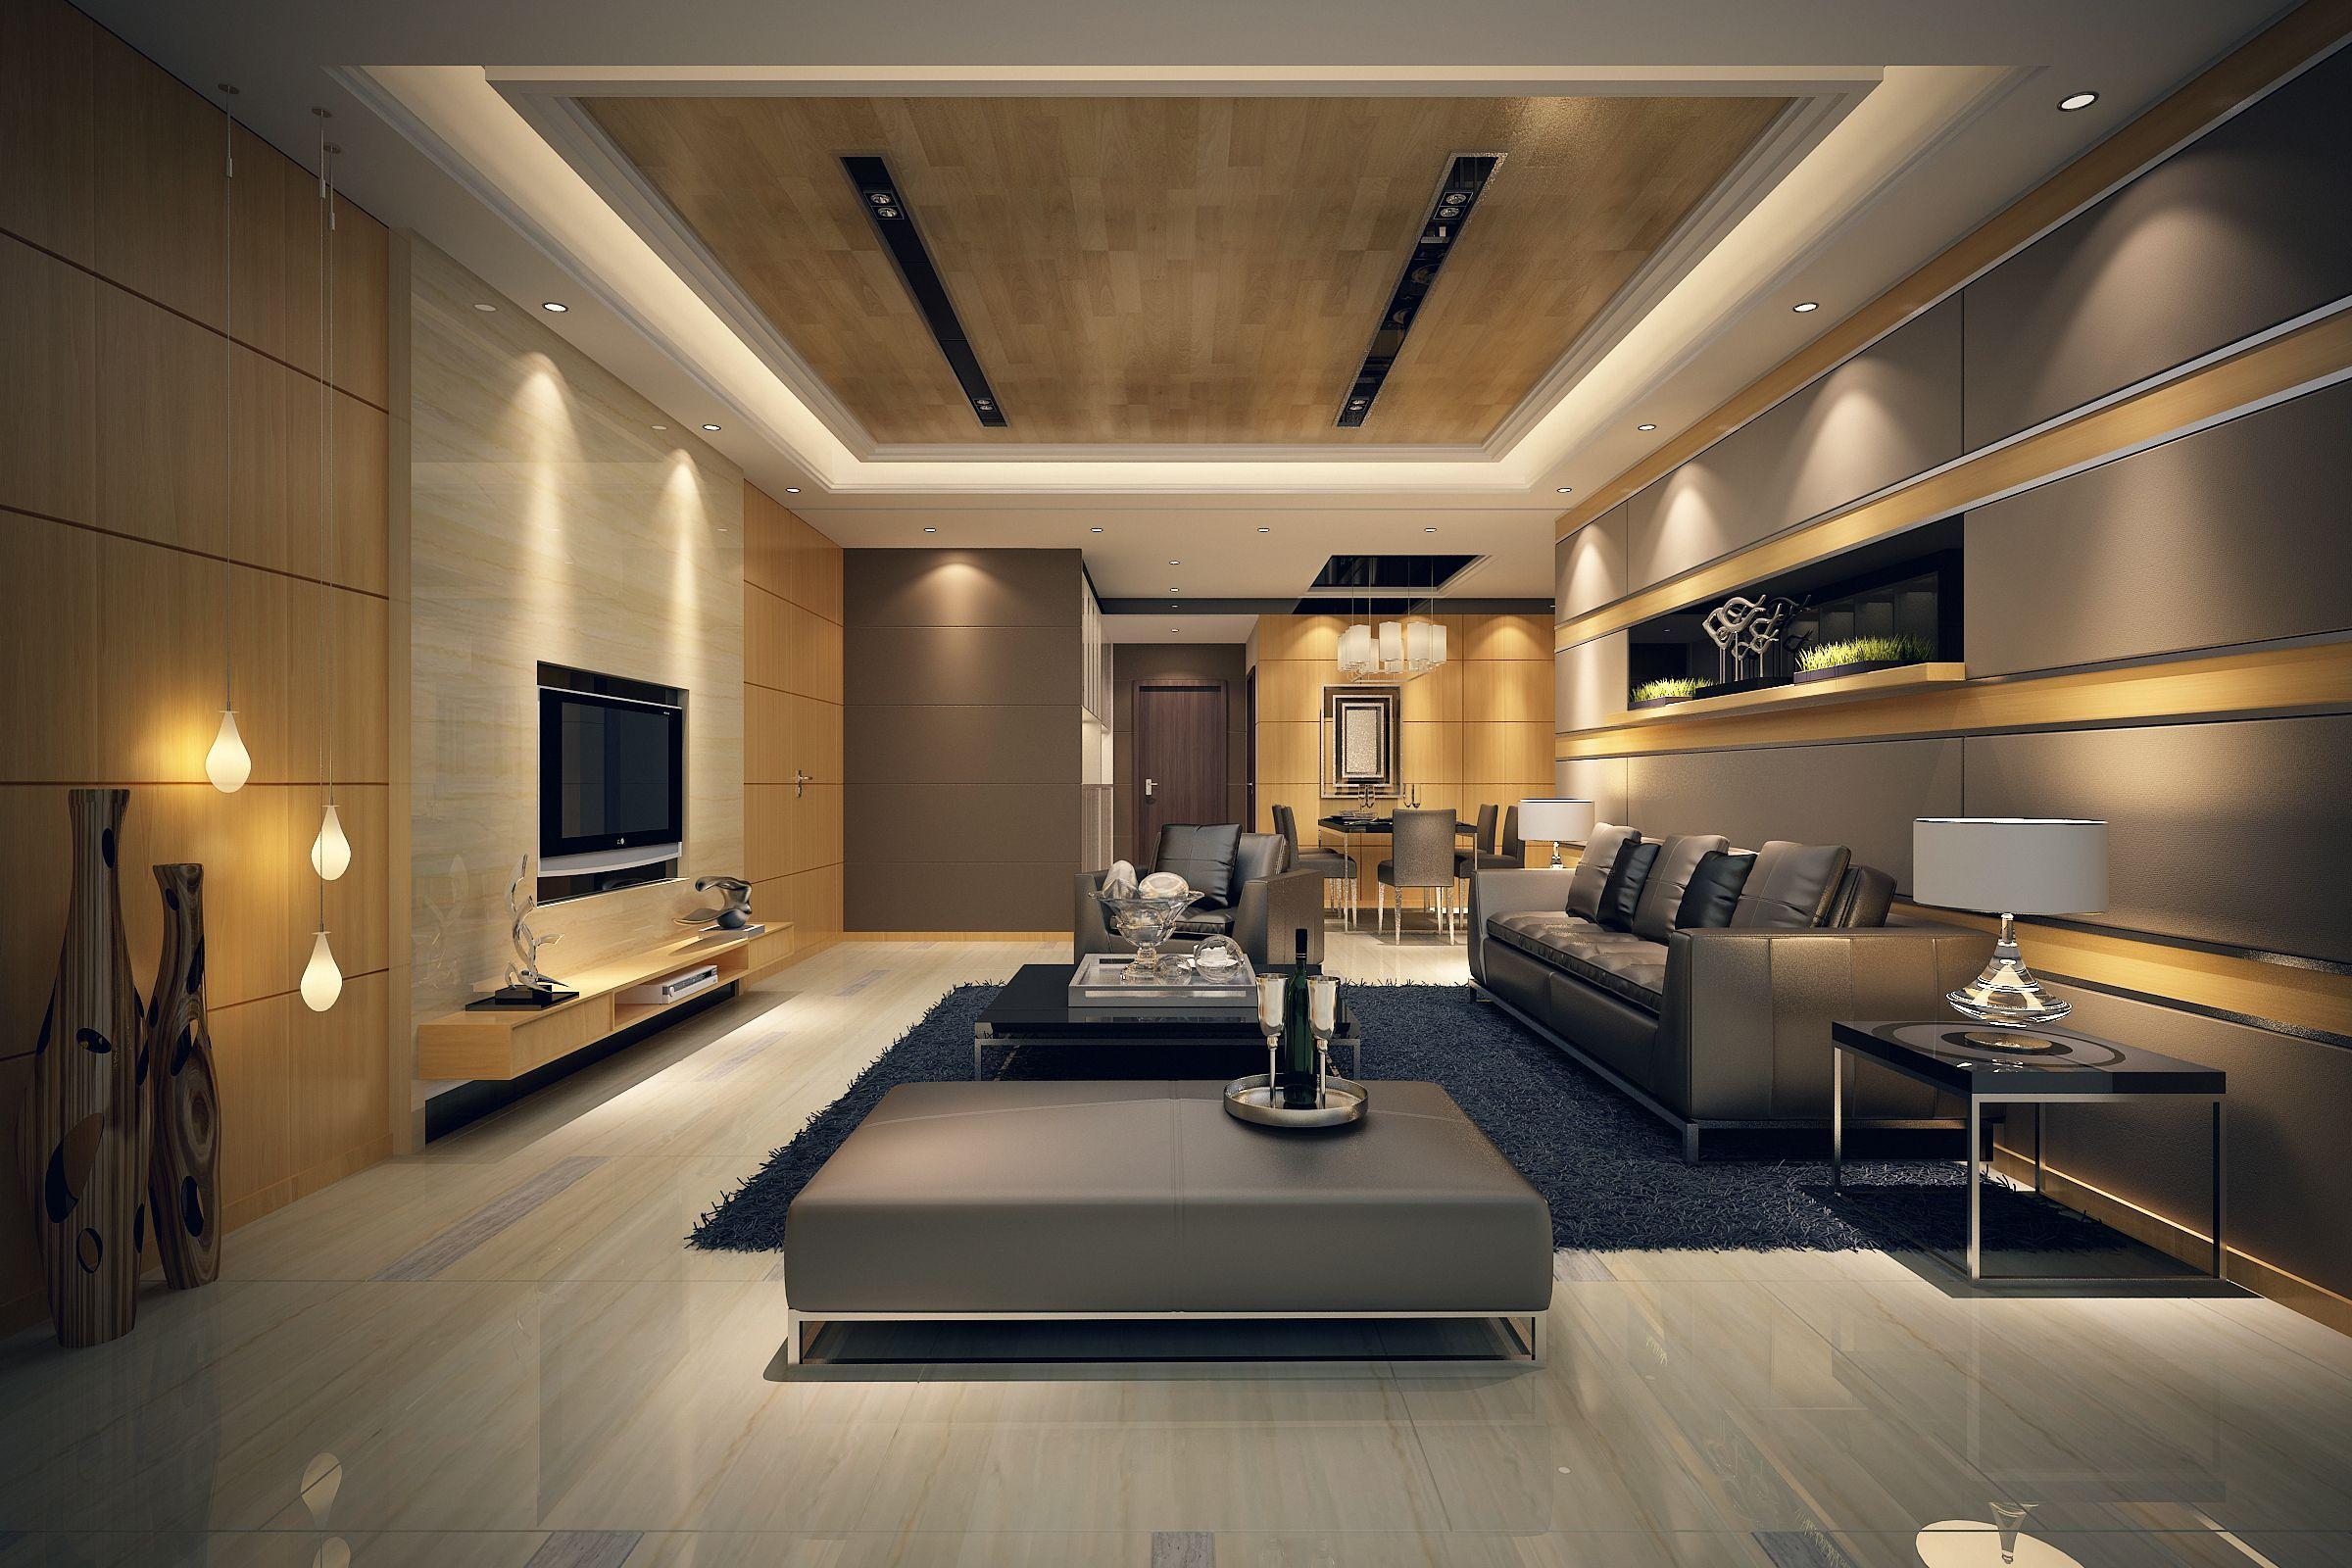 Schockierend Innen Wohnzimmer Design Wohnzimmer Land Wohnzimmer Ideen  Sollten Wirklich Konzentrieren, Um Den Mantel Und Den Kamin.